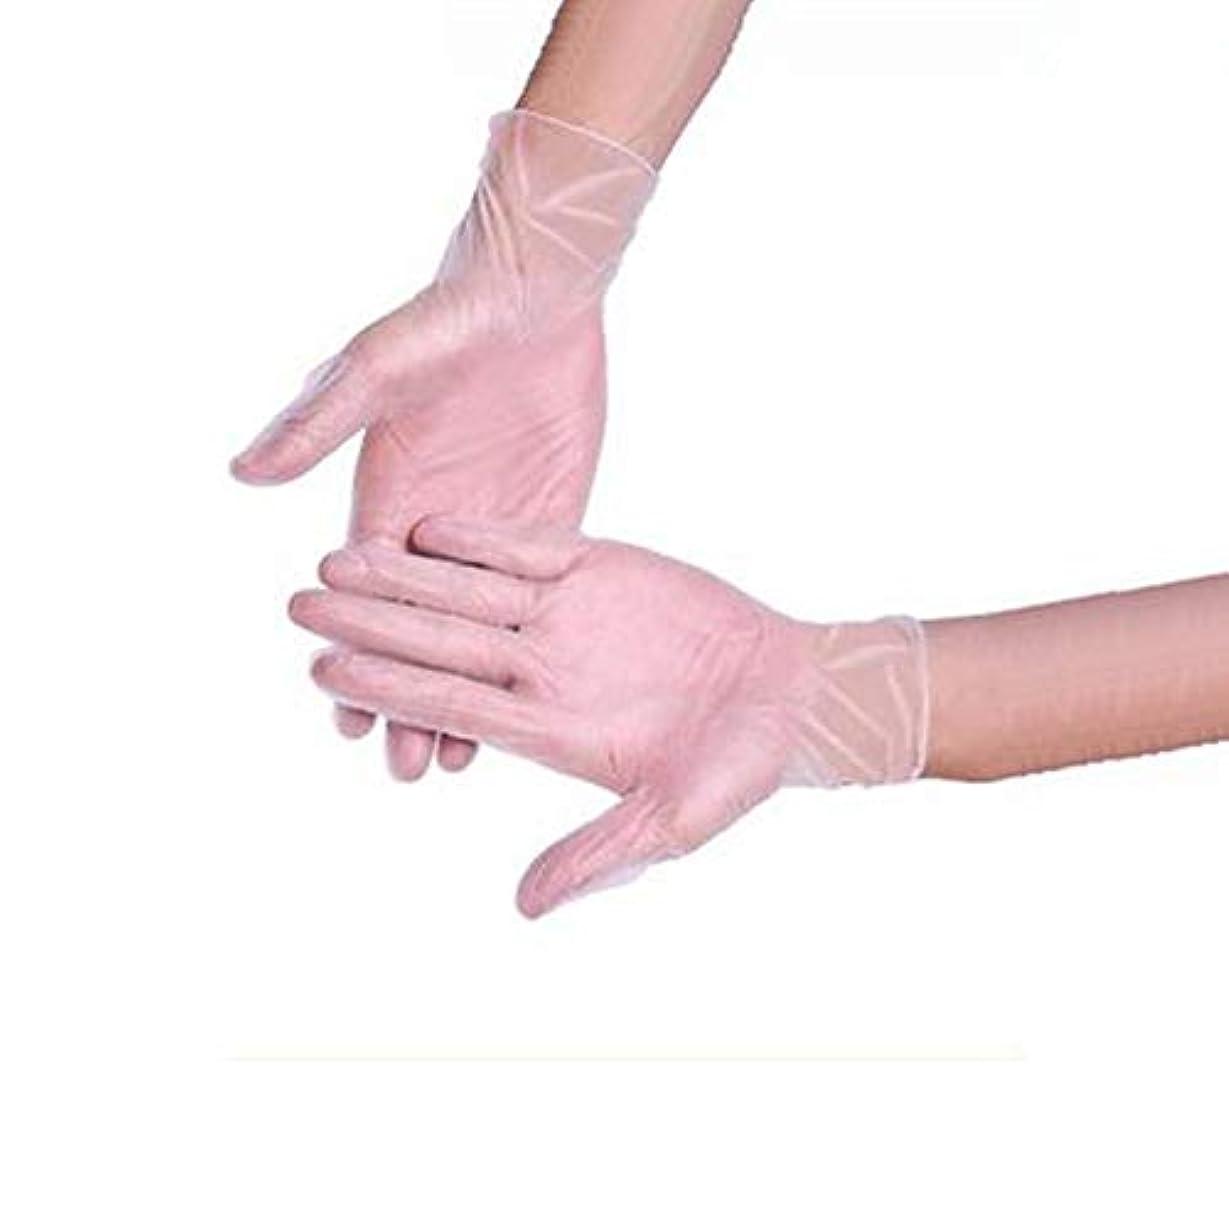 著名な電球影響力のある食品ベーキング手袋美容ネイル使い捨て手袋クリーニング帯電防止手袋箱入り500のみ YANW (色 : トランスペアレント, サイズ さいず : Xl xl)